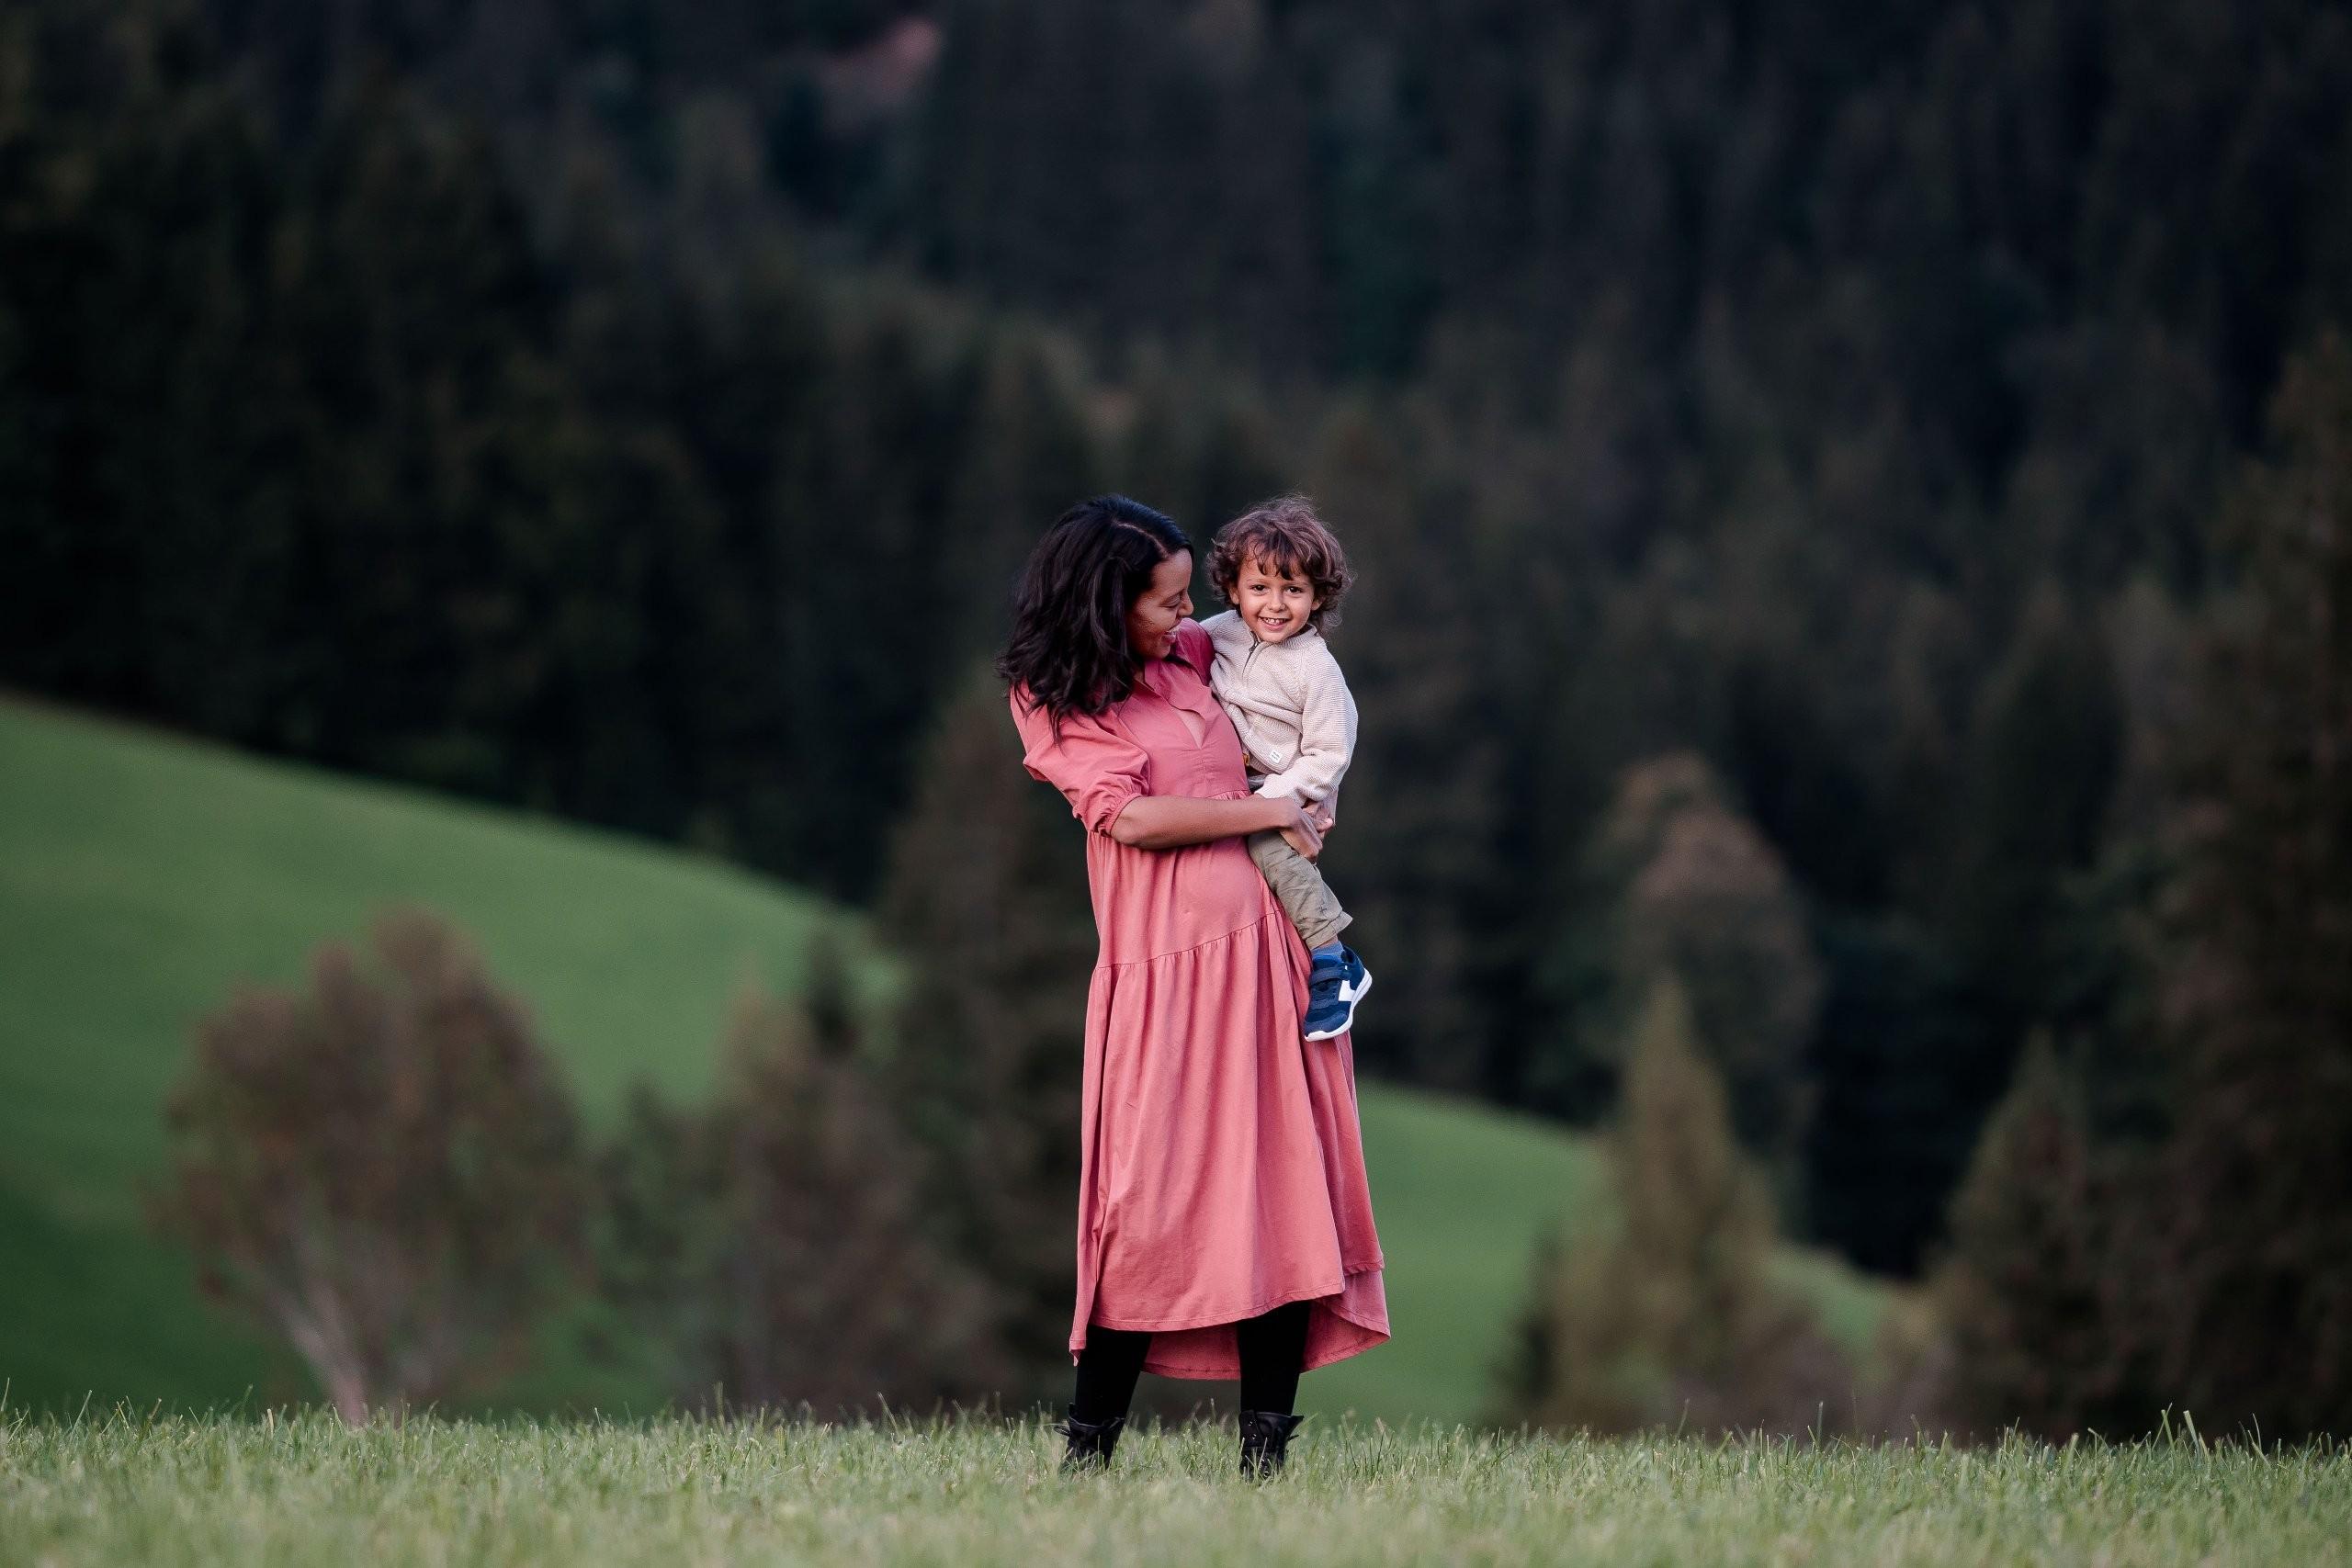 Aida + Tim | Hochzeitsfotografen am Bodensee Aida Glowik  - Hochzeitsfotografie von Aida und Tim